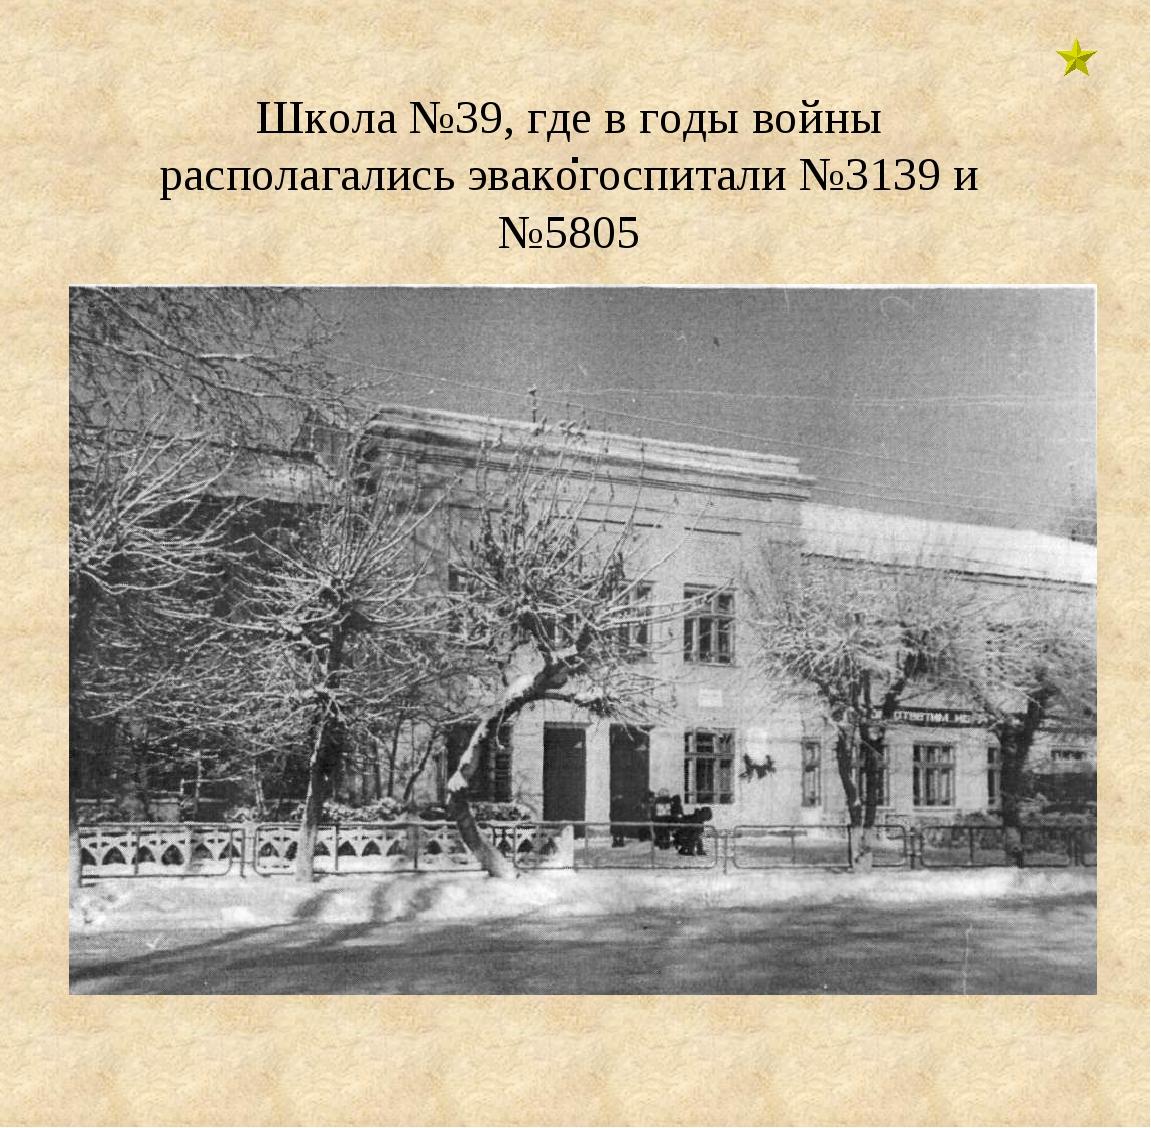 . Школа №39, где в годы войны располагались эвакогоспитали №3139 и №5805